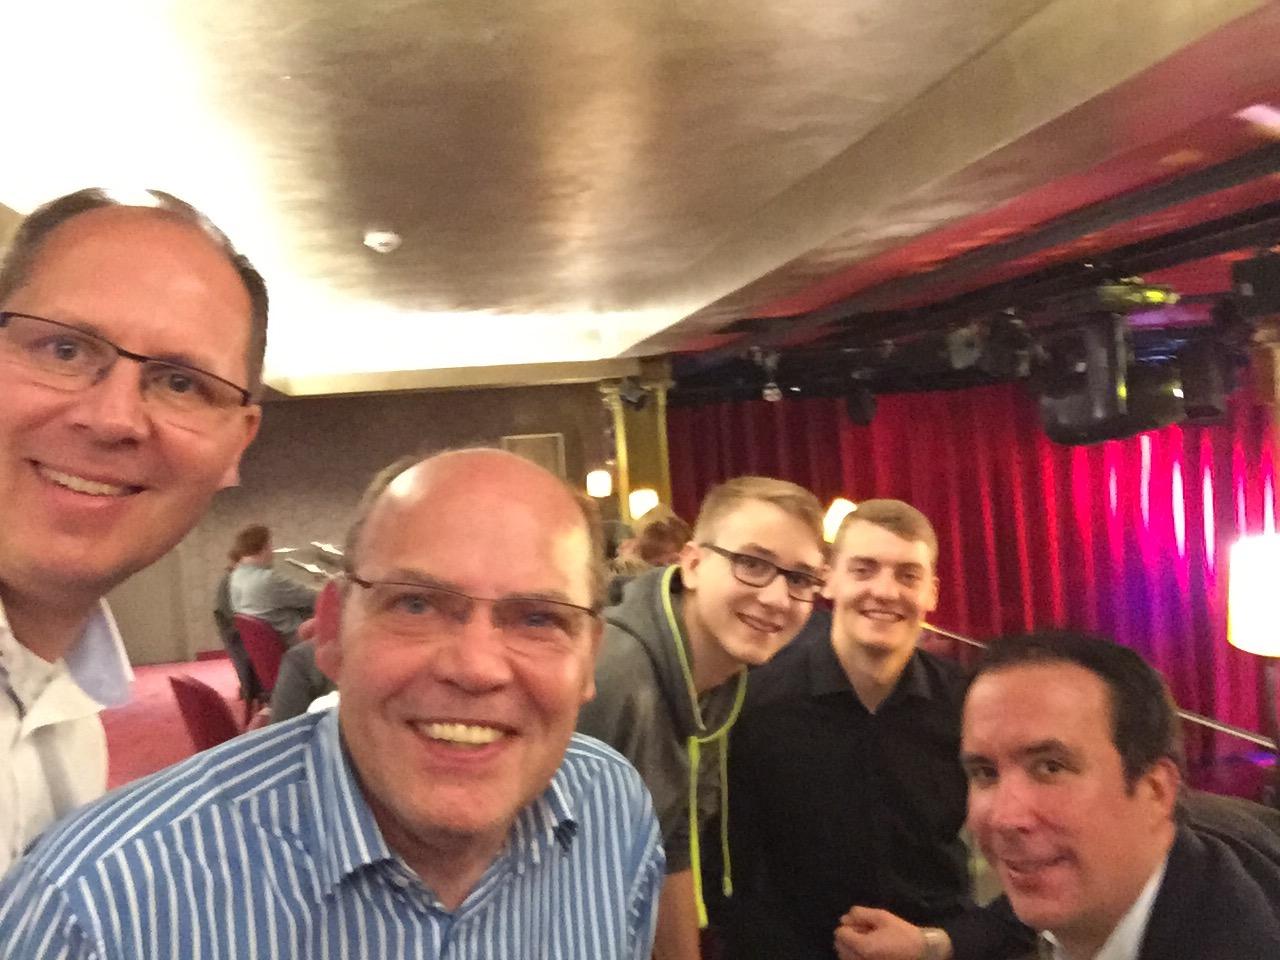 20.10.2017: Einlösung des GOP-Gutscheins für den 2. Platz: Stefan Dumke, Jürgen Hinneburg, Jonathan Dumke, Martin Hinneburg, Fabian Manzau (v.l.n.r.)